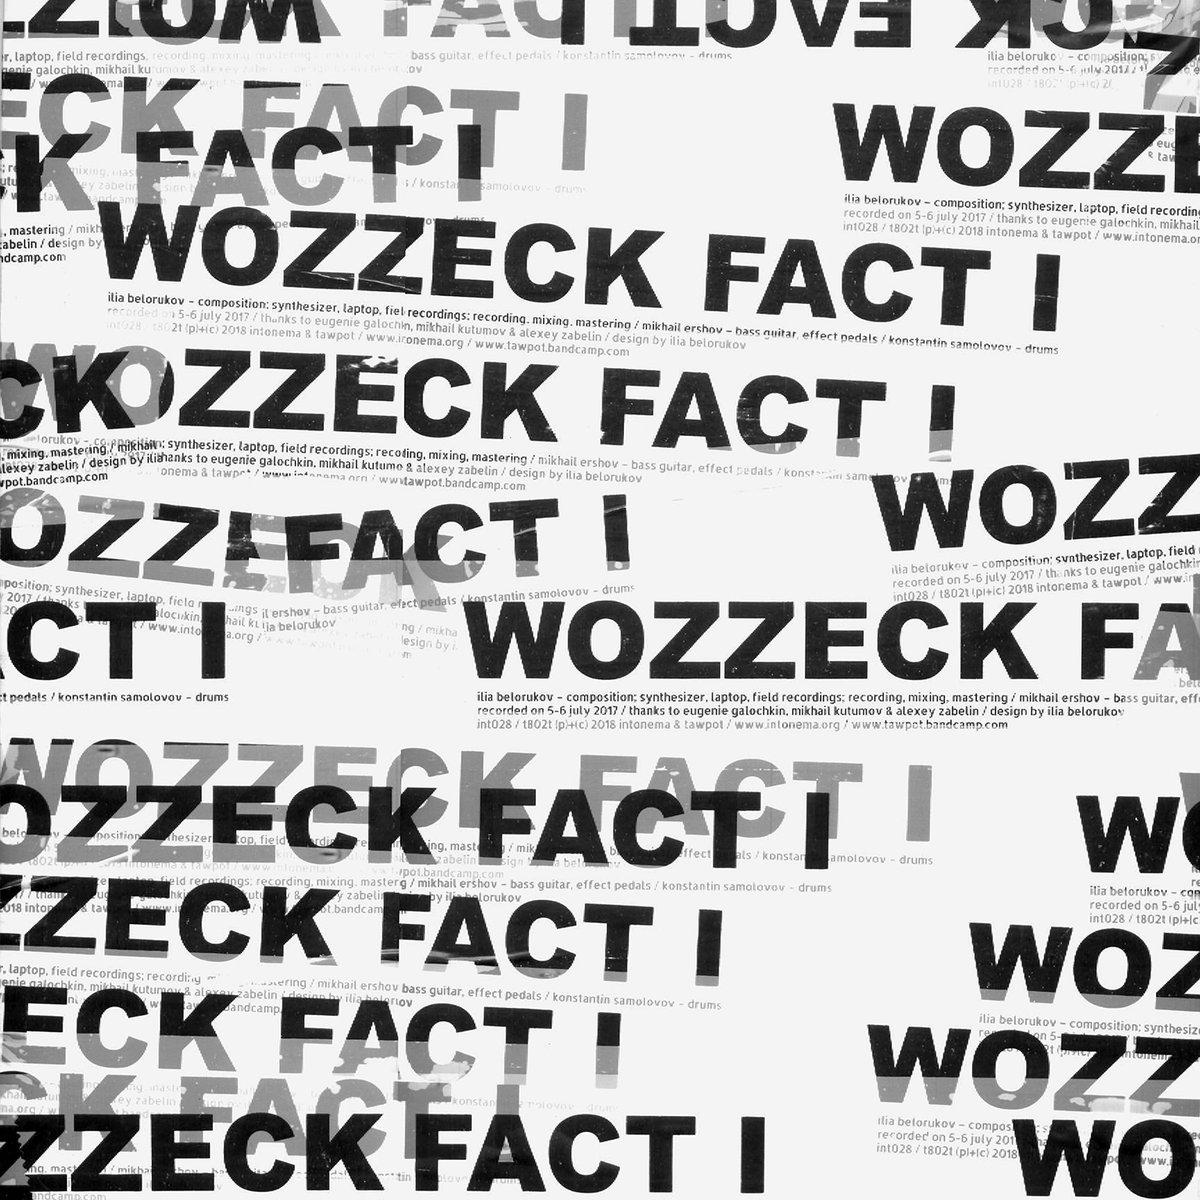 Wozzeck - Fact I